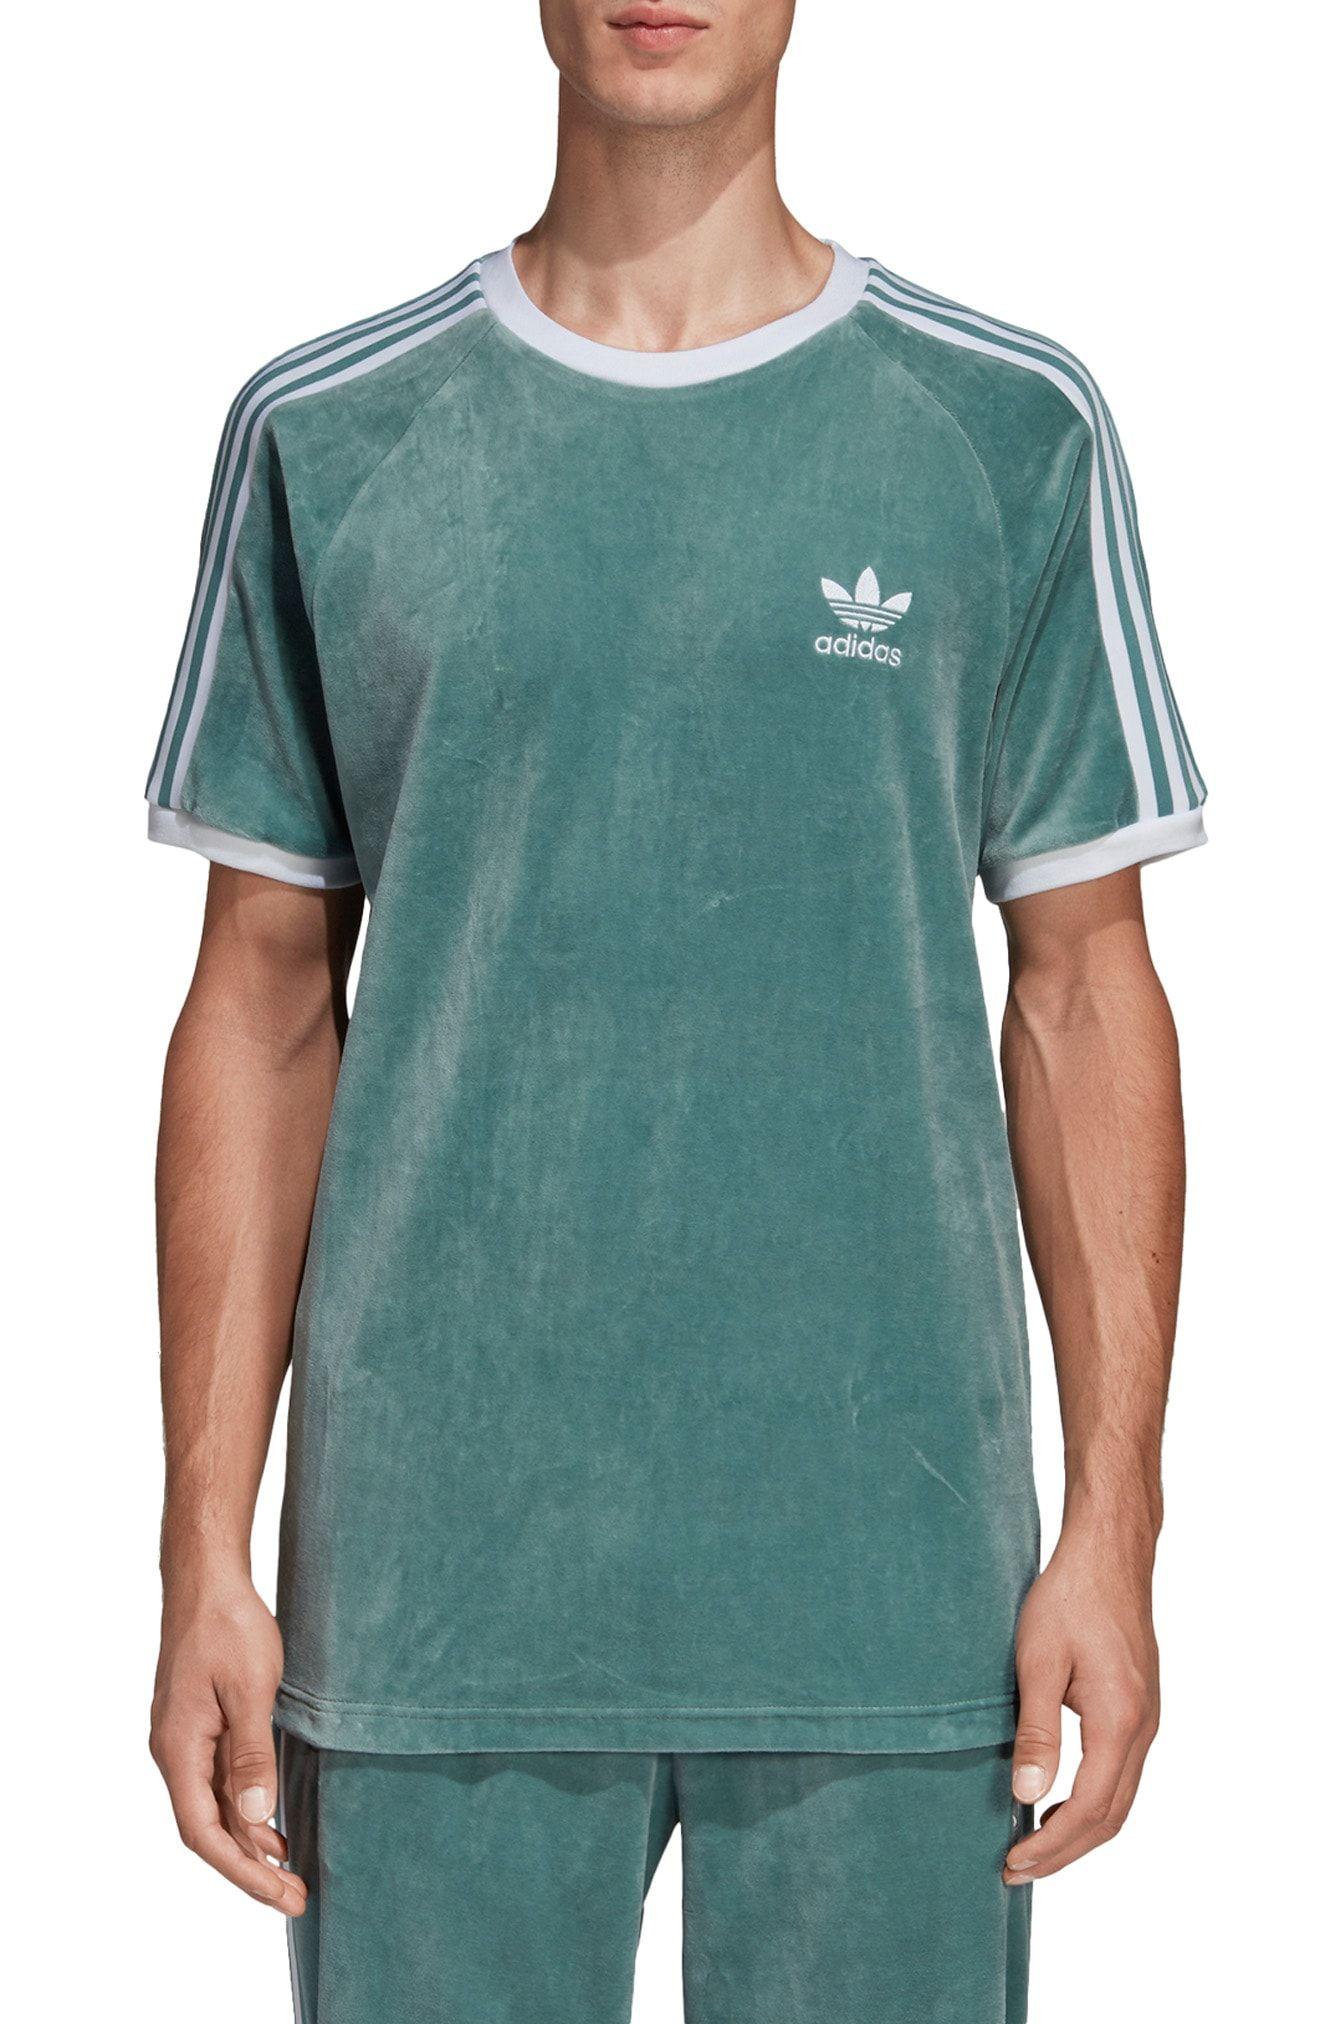 d87cc83d ADIDAS ORIGINALS COZY VELOUR T-SHIRT. #adidasoriginals #cloth ...